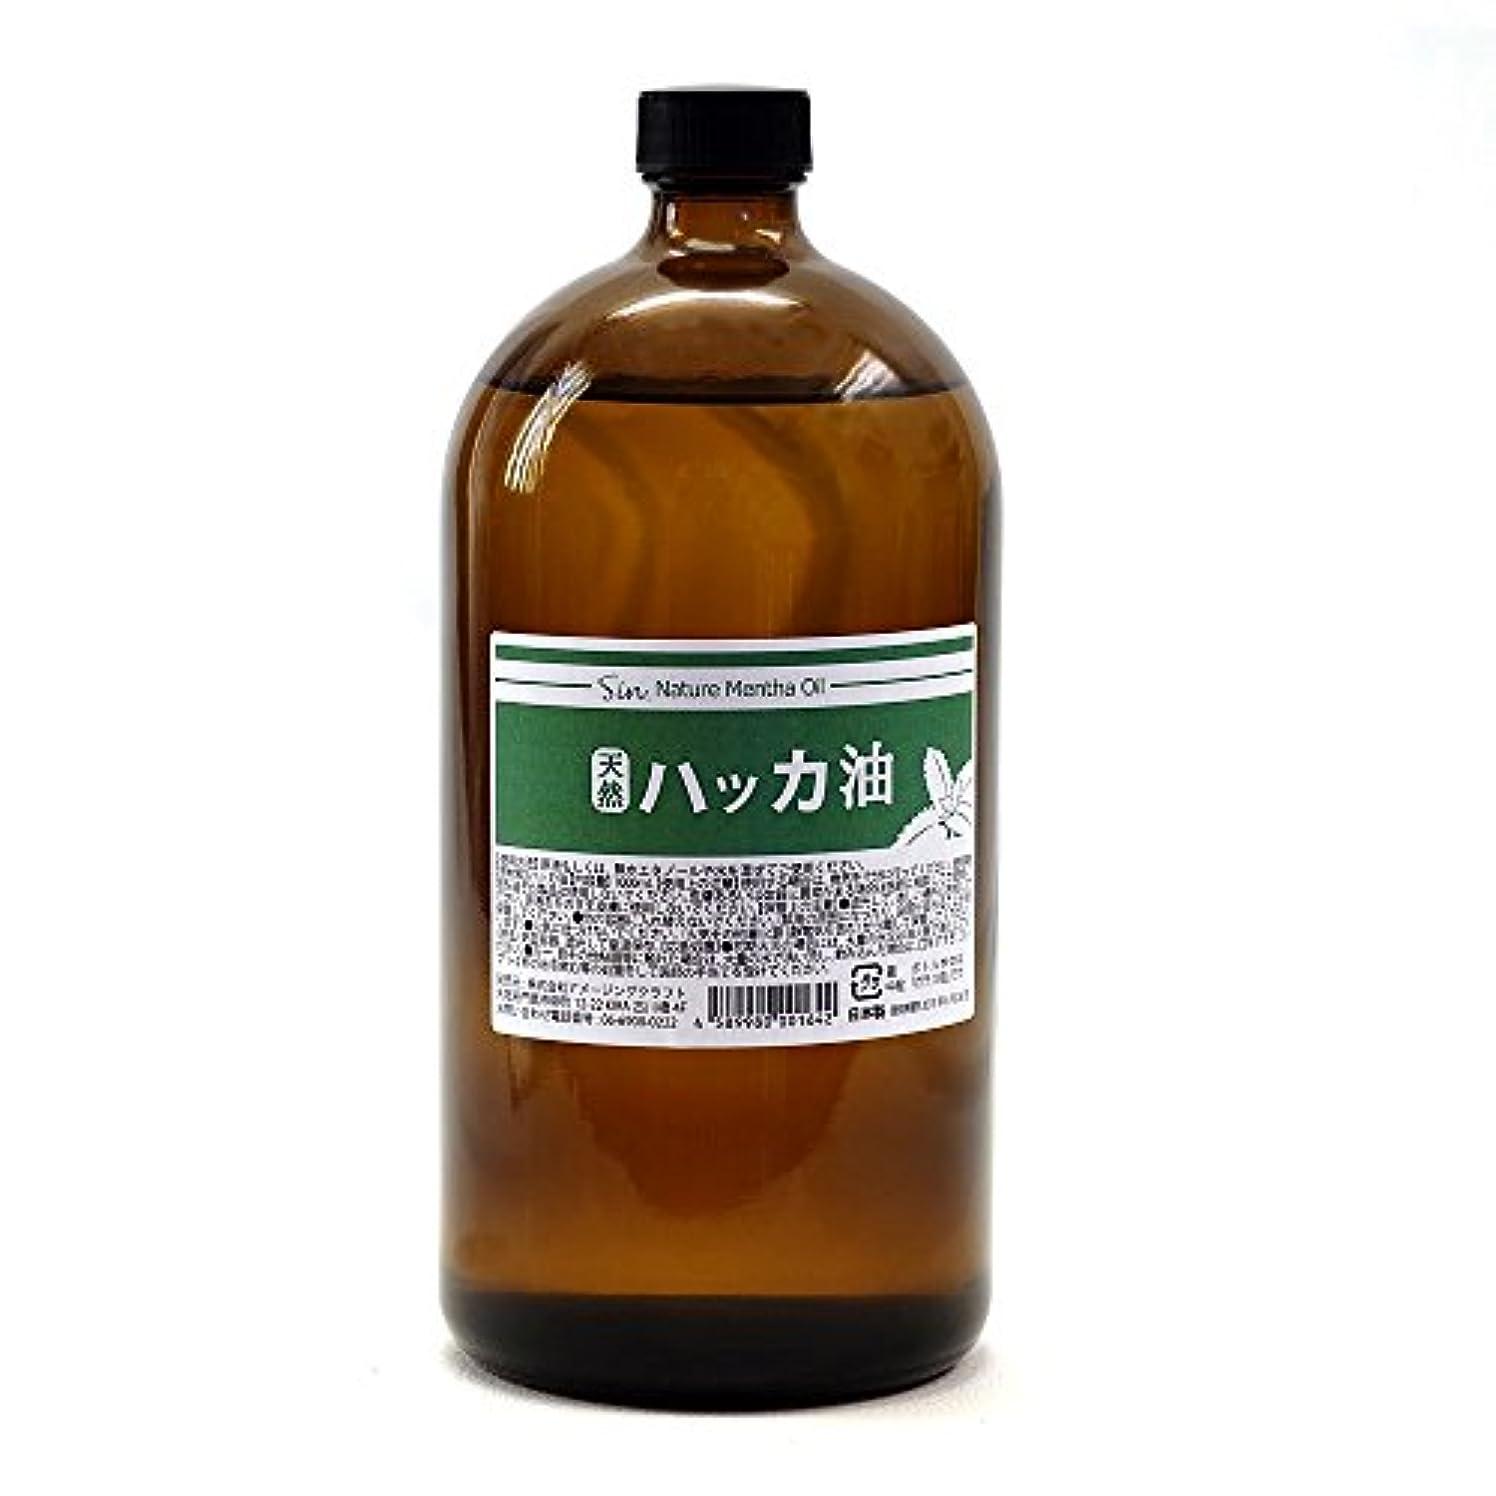 フレッシュ養う排気日本製 天然 ハッカ油 ハッカオイル 1000ml